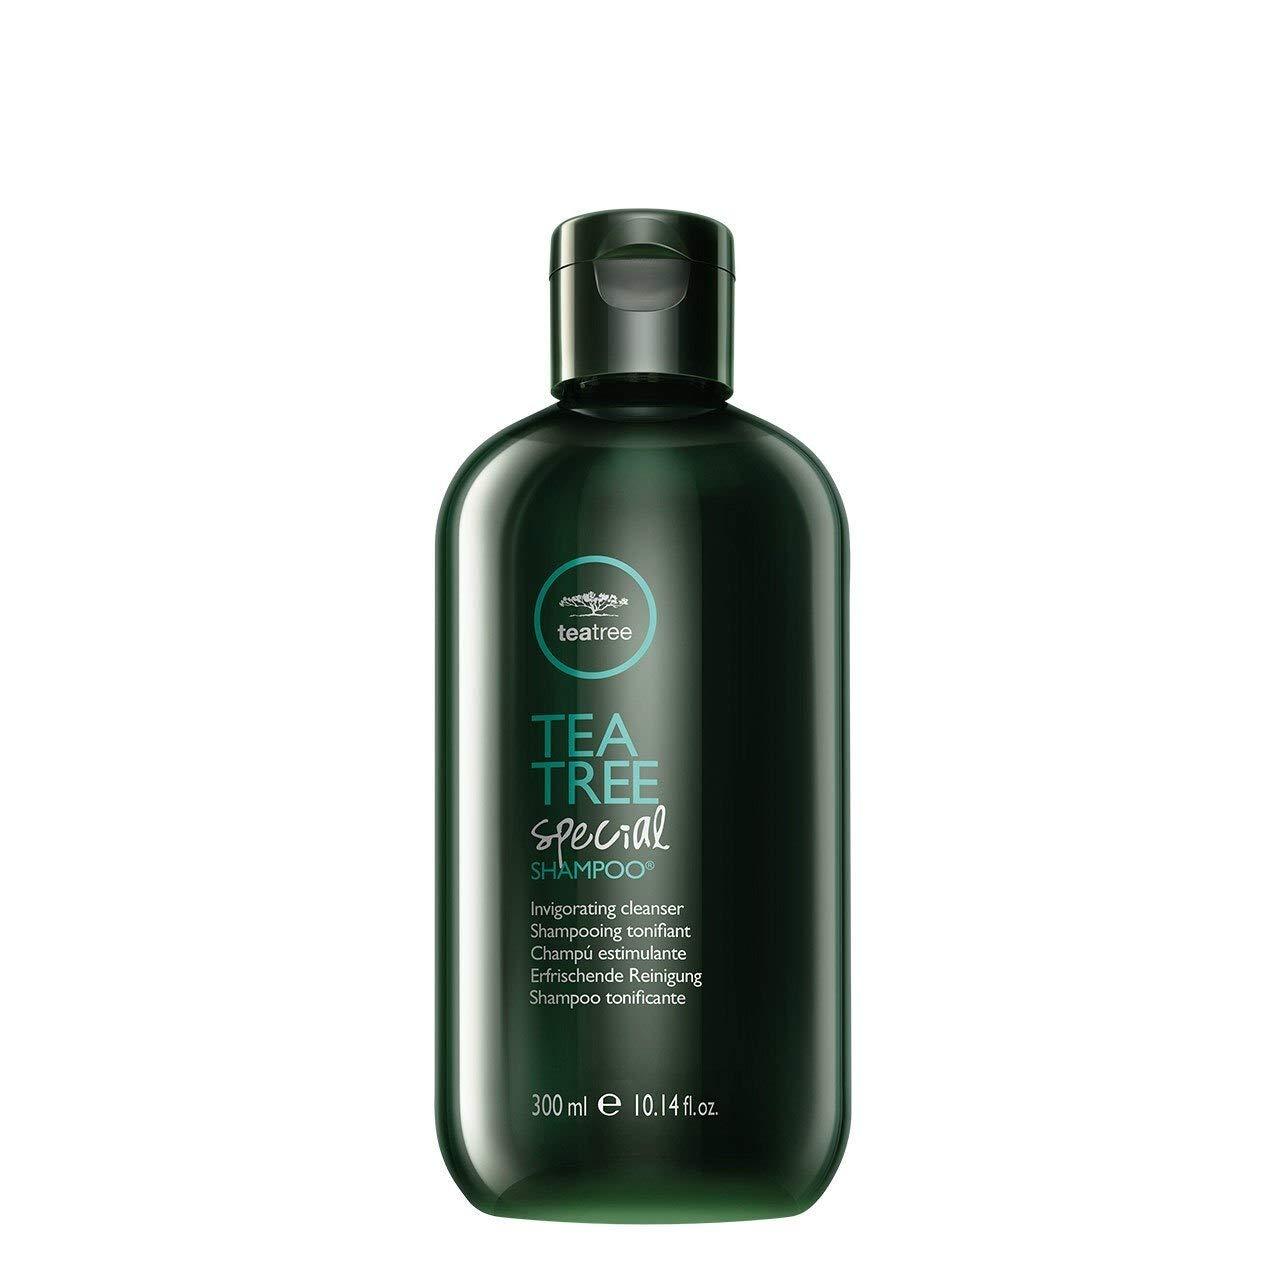 Tea-Tree-shampoo-amazon